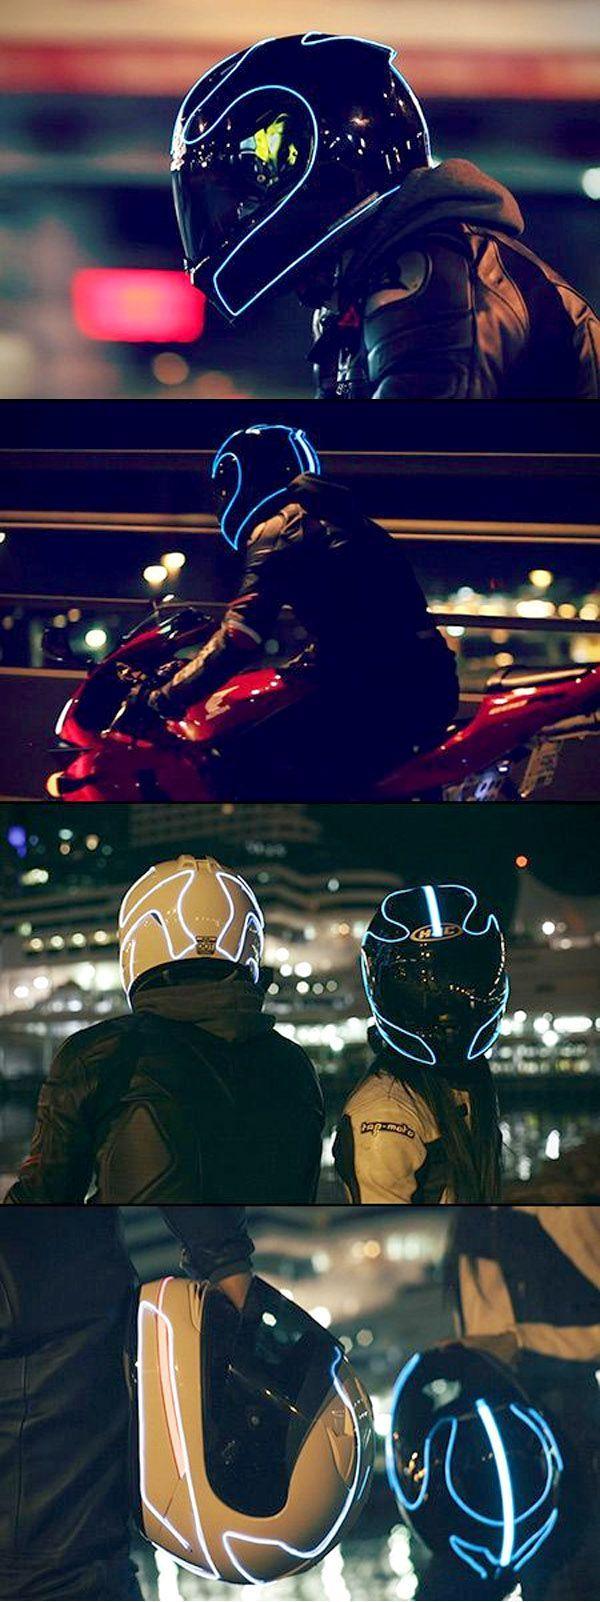 best helmets images on pinterest bike helmets custom helmets